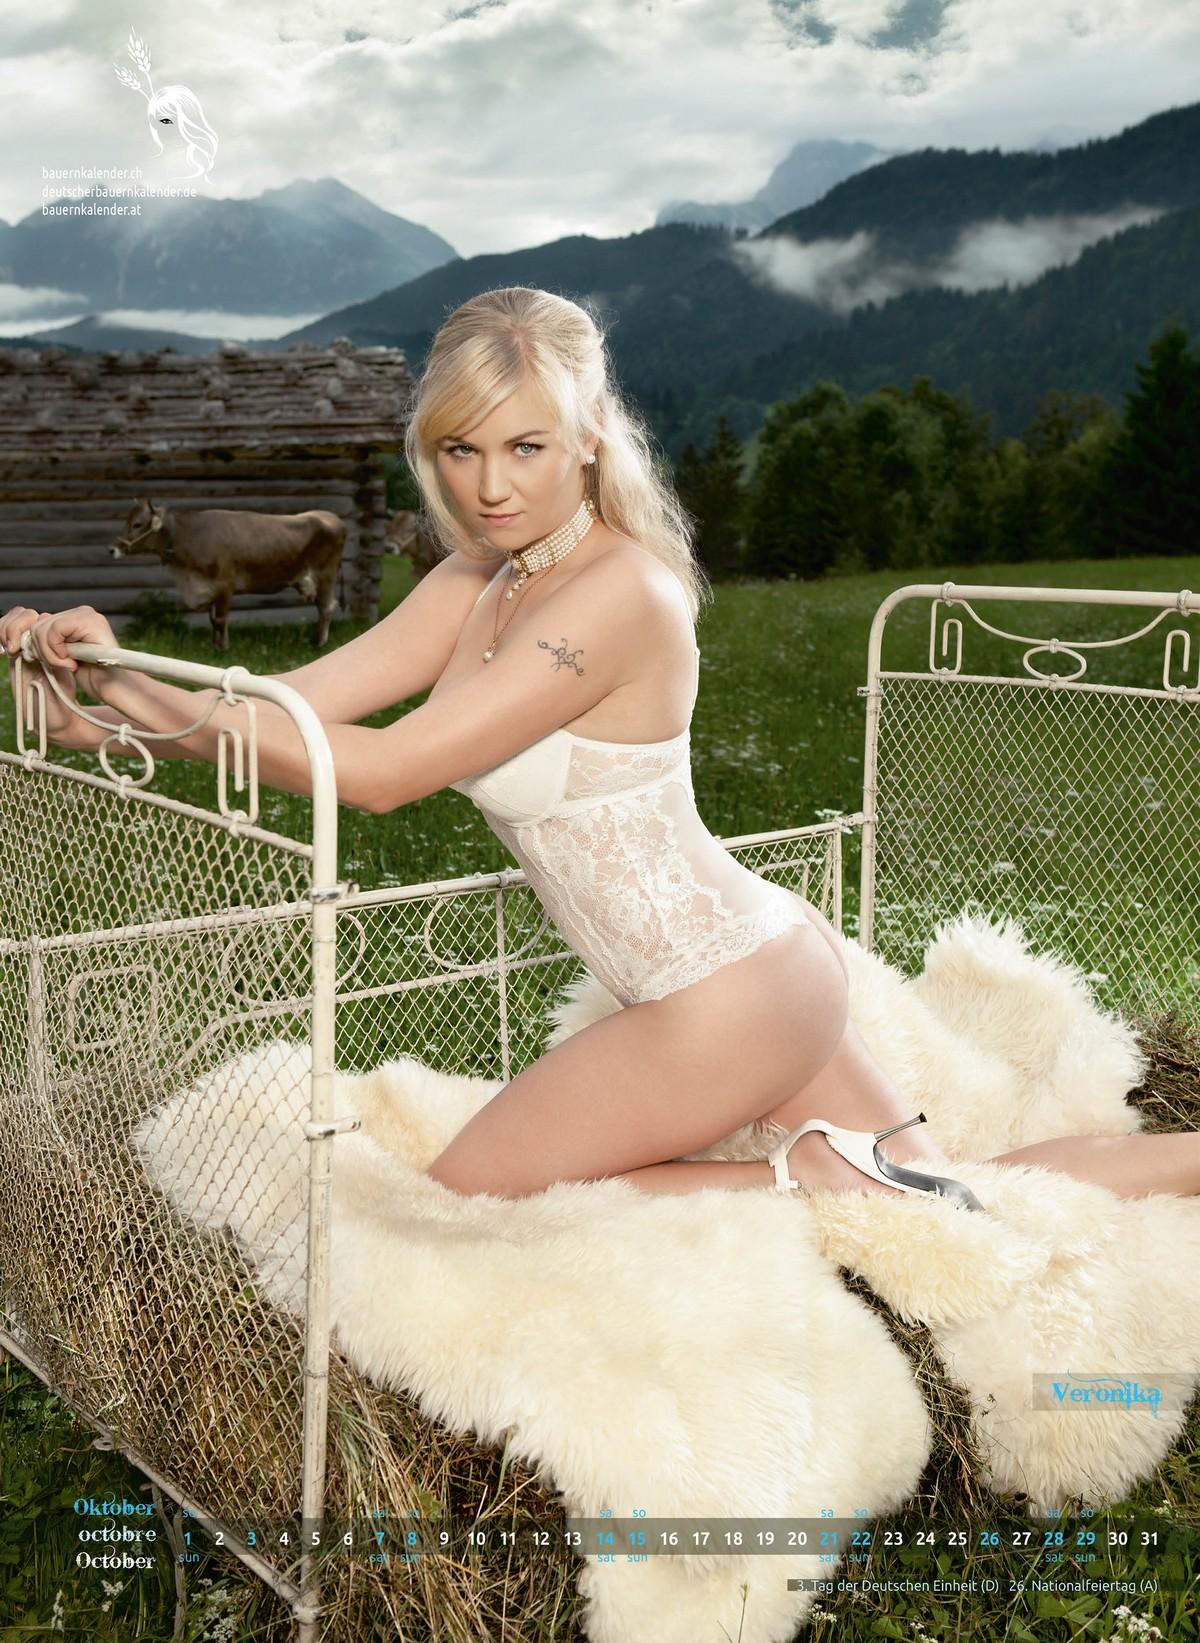 Швейцарские и немецкие фермерши в горячем календаре